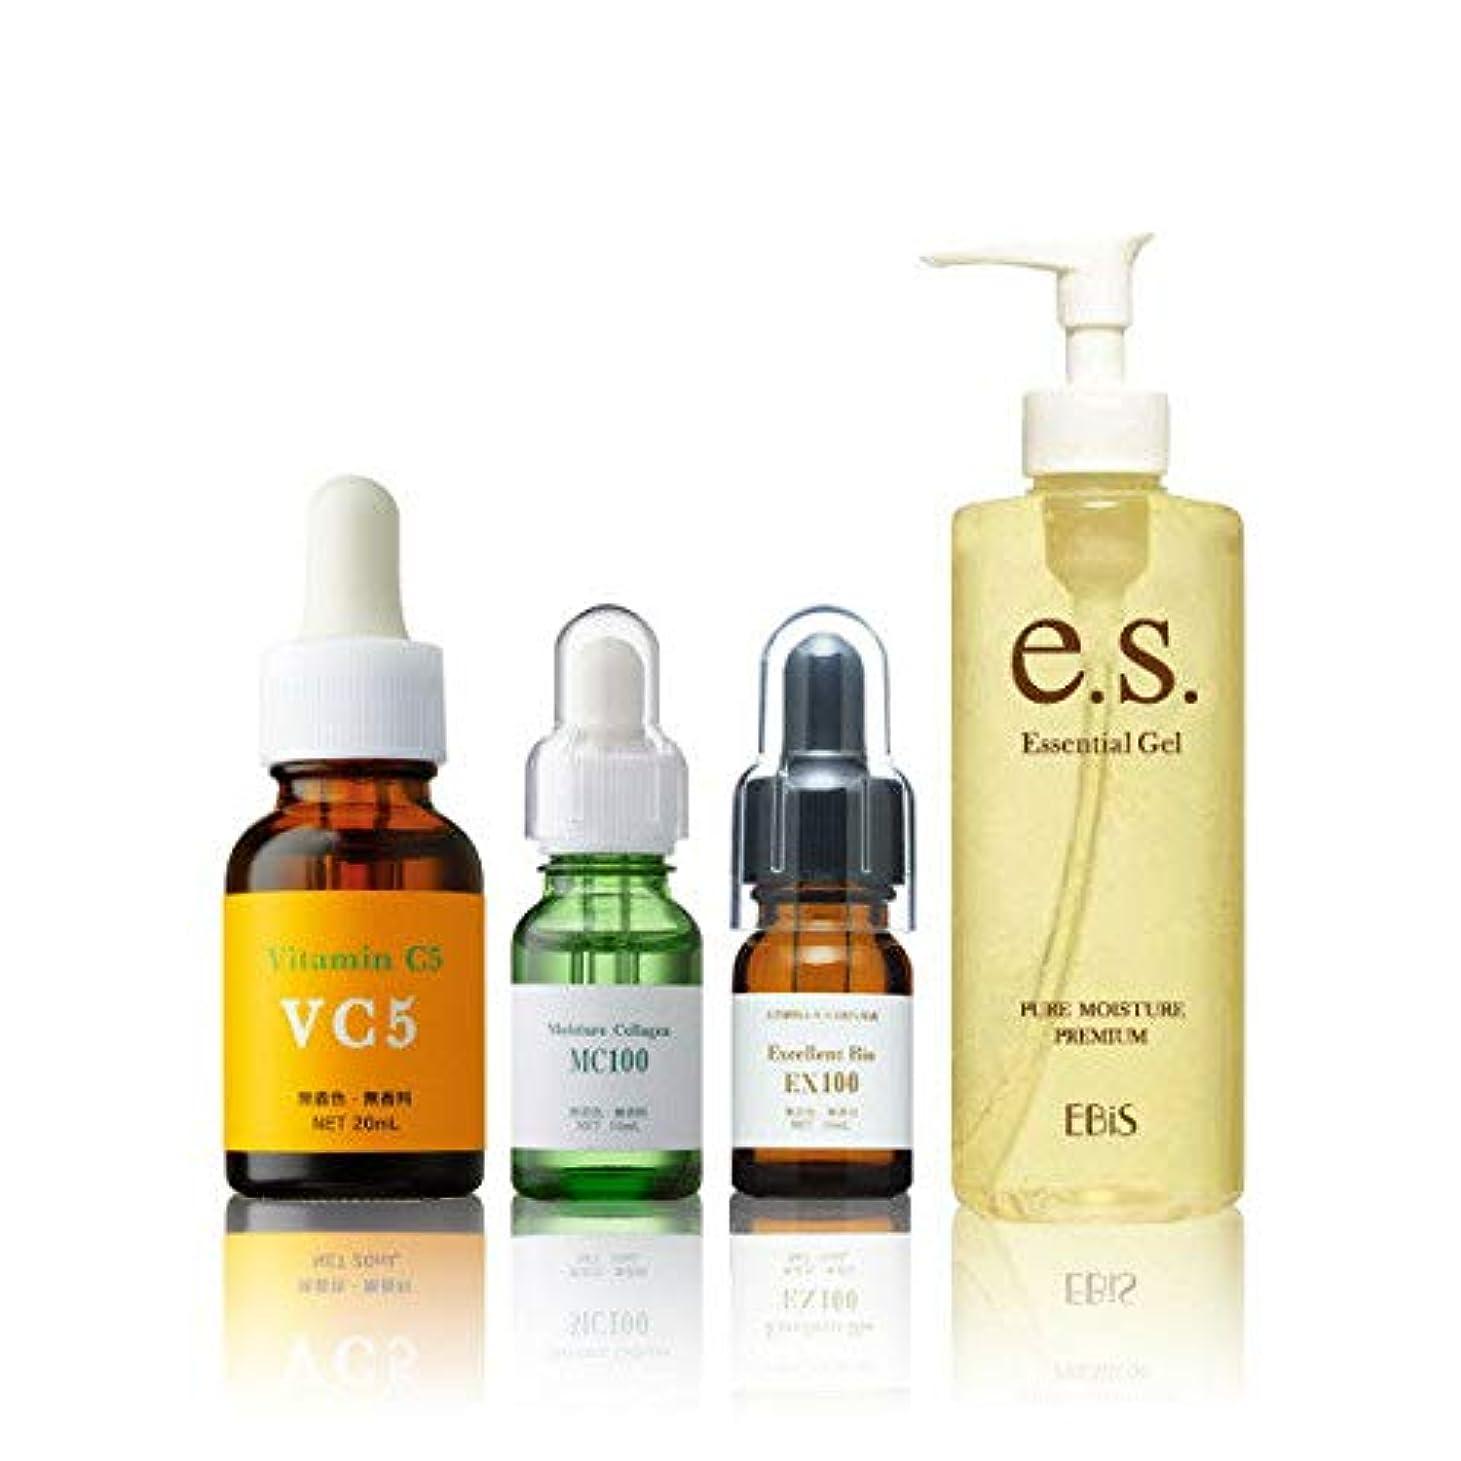 主婦講義ラッドヤードキップリングエビス化粧品(EBiS) 原液フルケアセット(ミニ) MC10010ml EX10010ml Cエッセンス20ml 美顔器ジェル105g